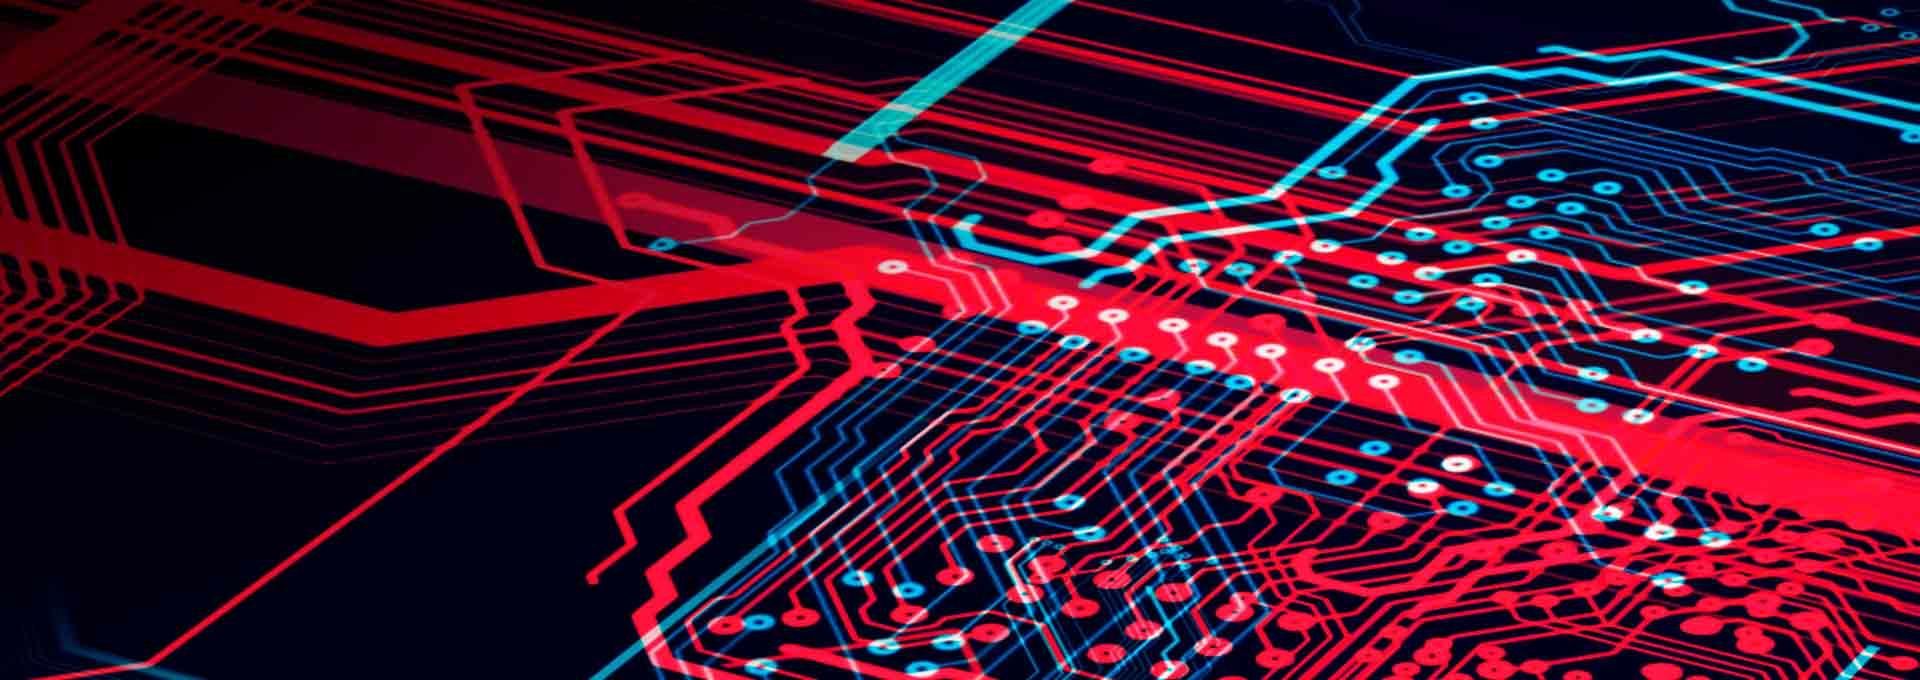 Illustrazione di varie linee rosse, utilizzata come visualizzazione tecnologica di una piattaforma di chip per apparecchi acustici Bernafon.